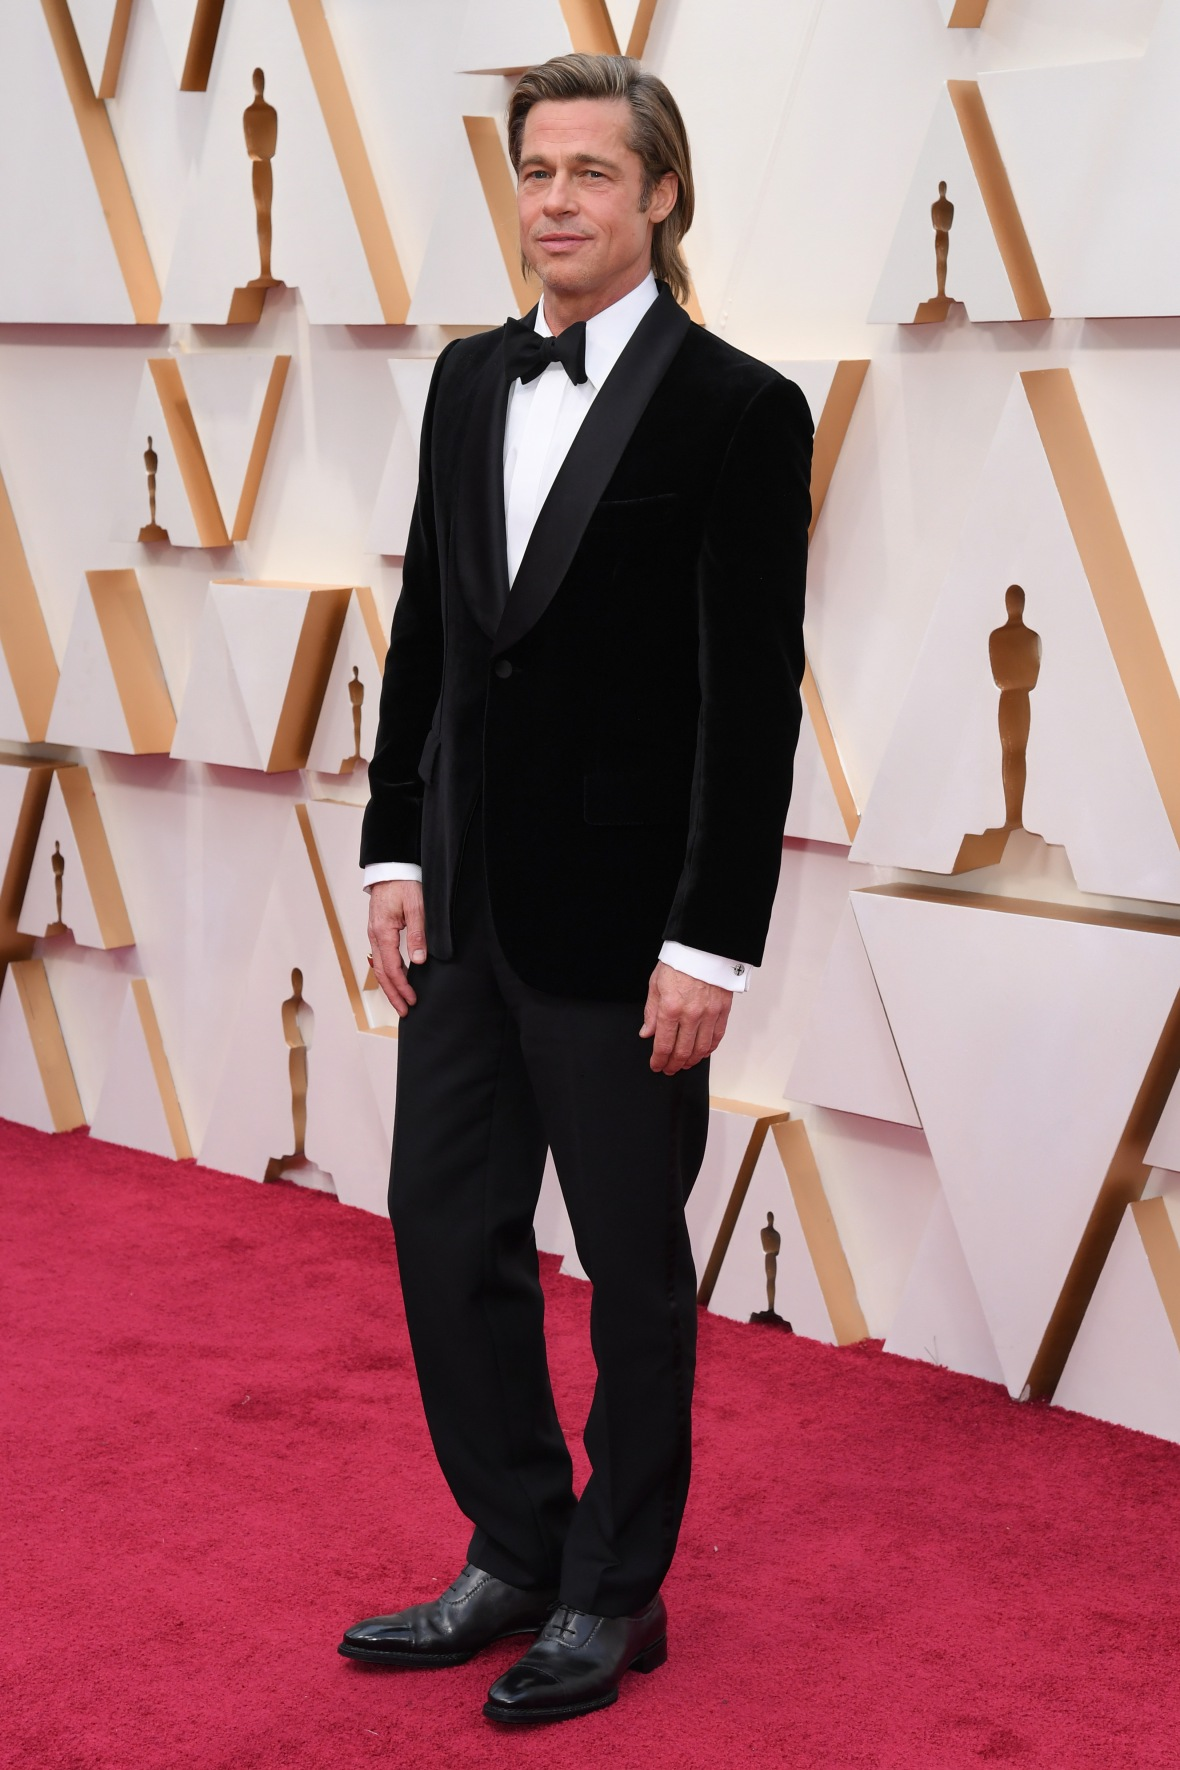 Brad Pitt Wearing a Tuxedo at the Oscars